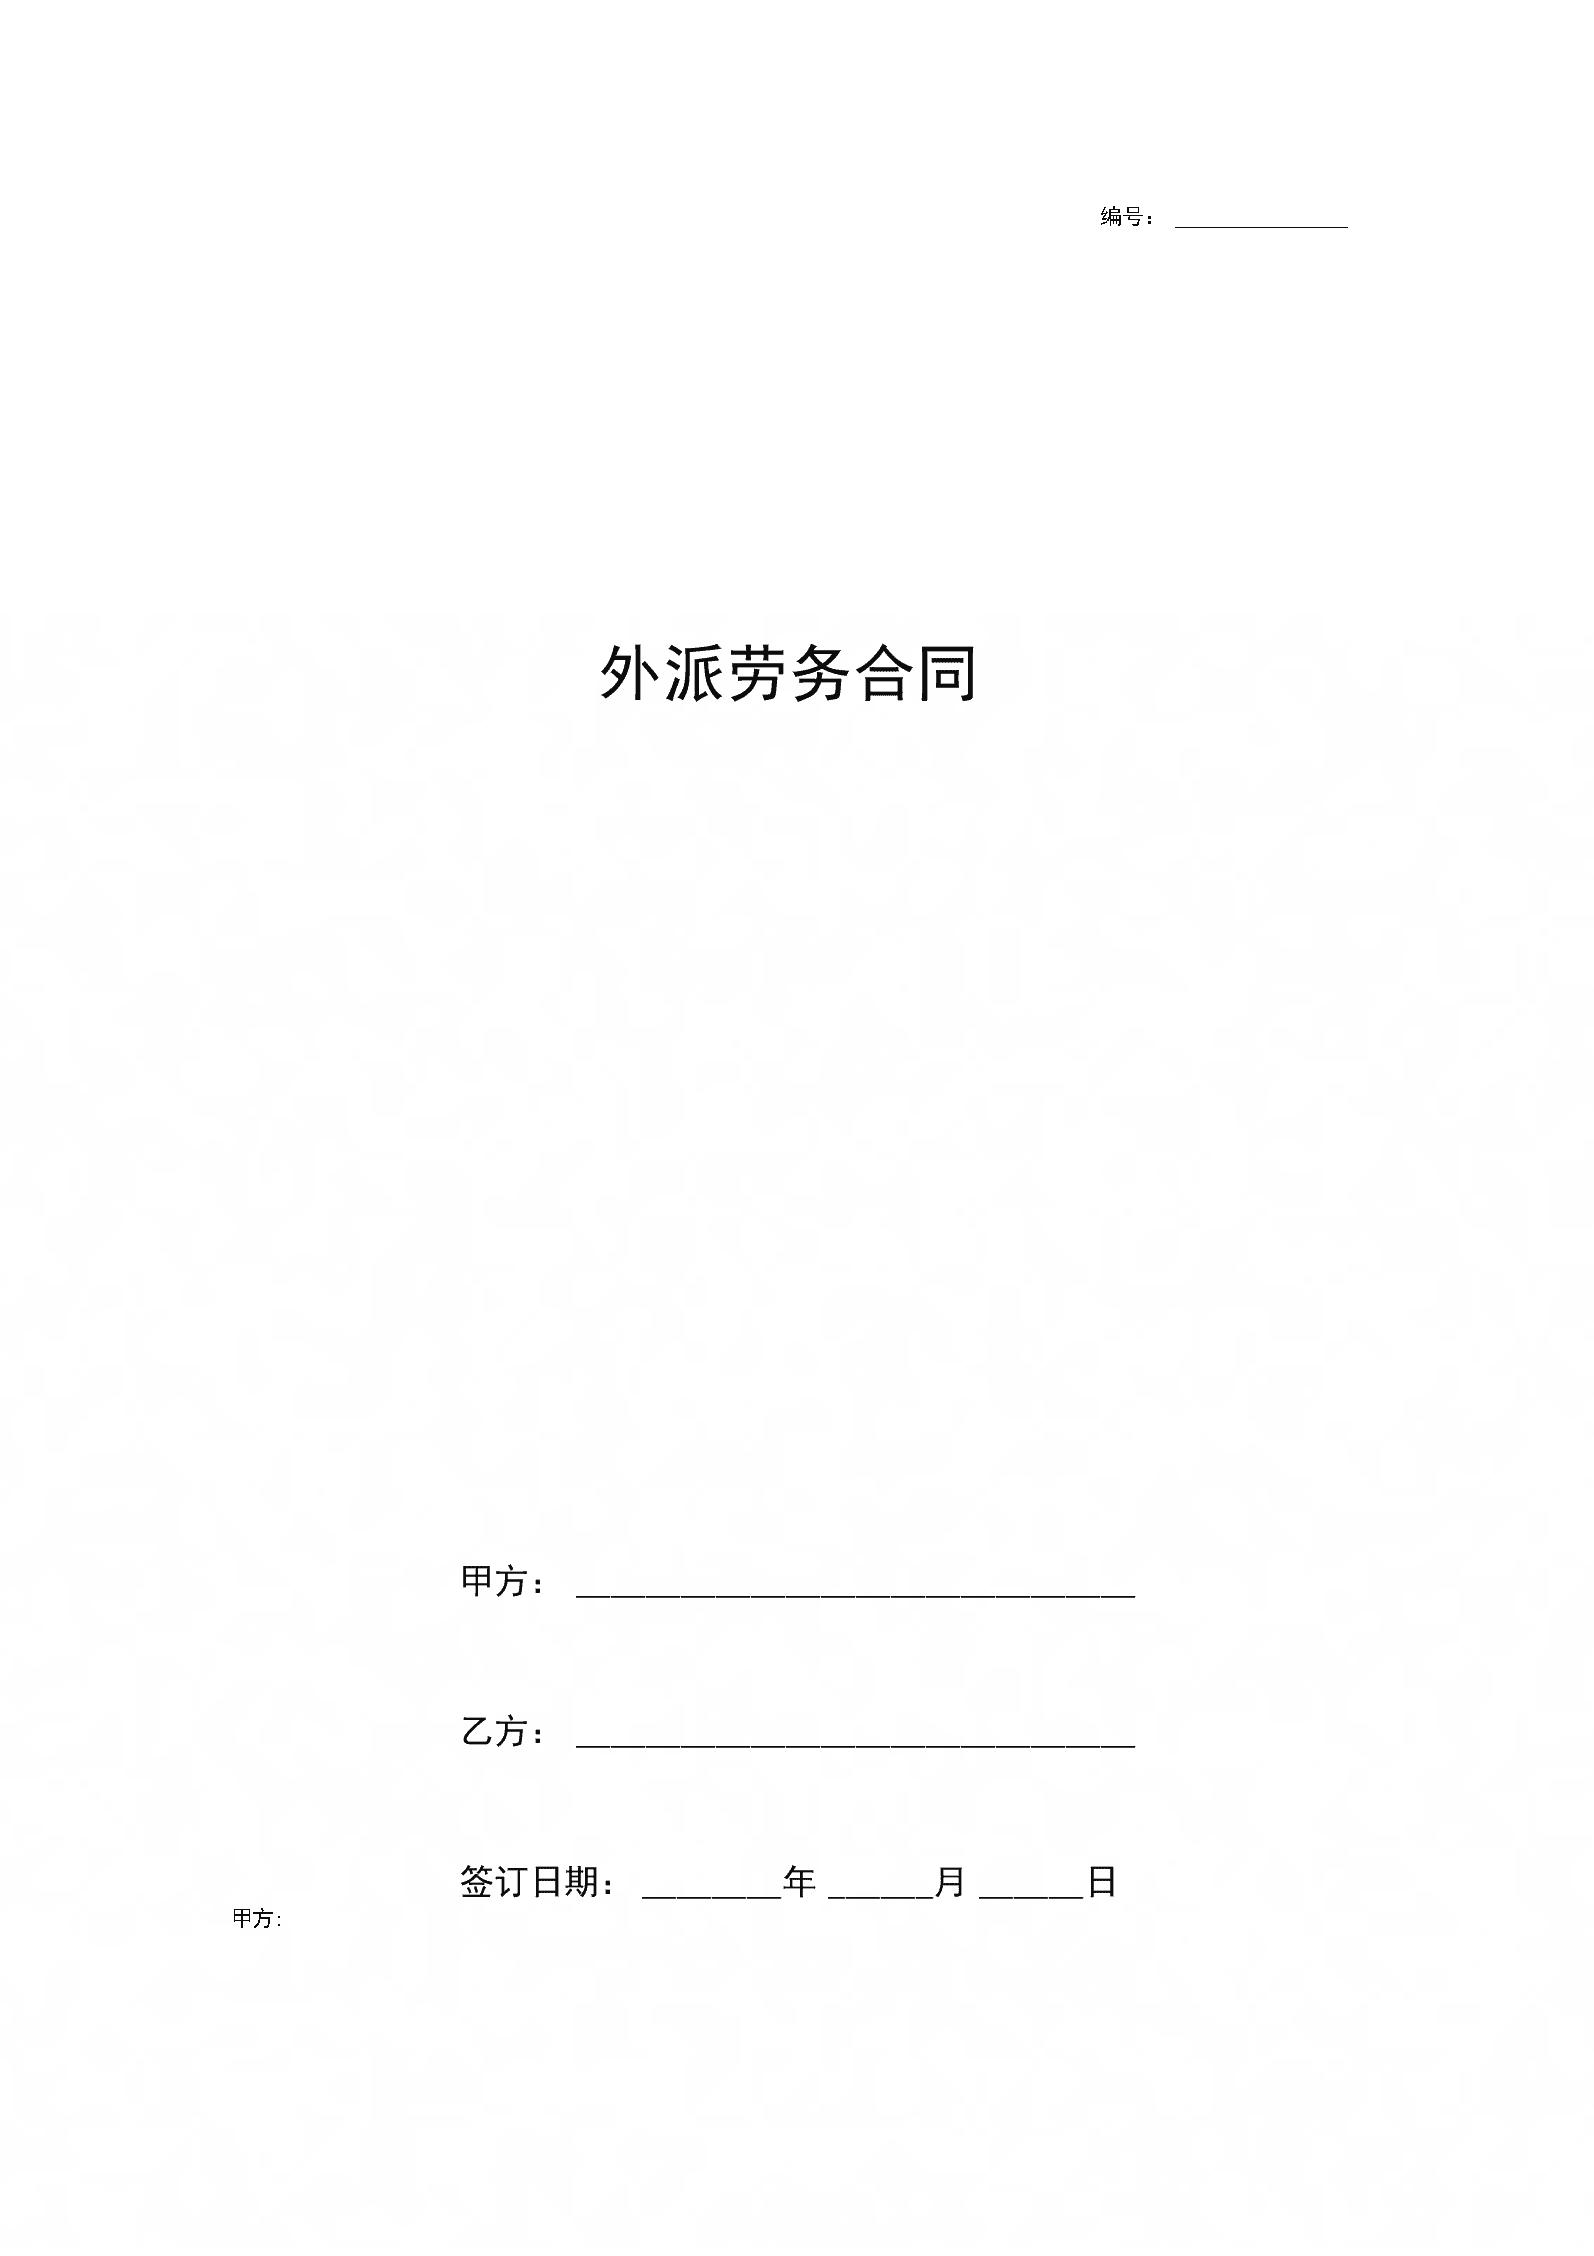 外派劳务合同协议书范本通用版.docx